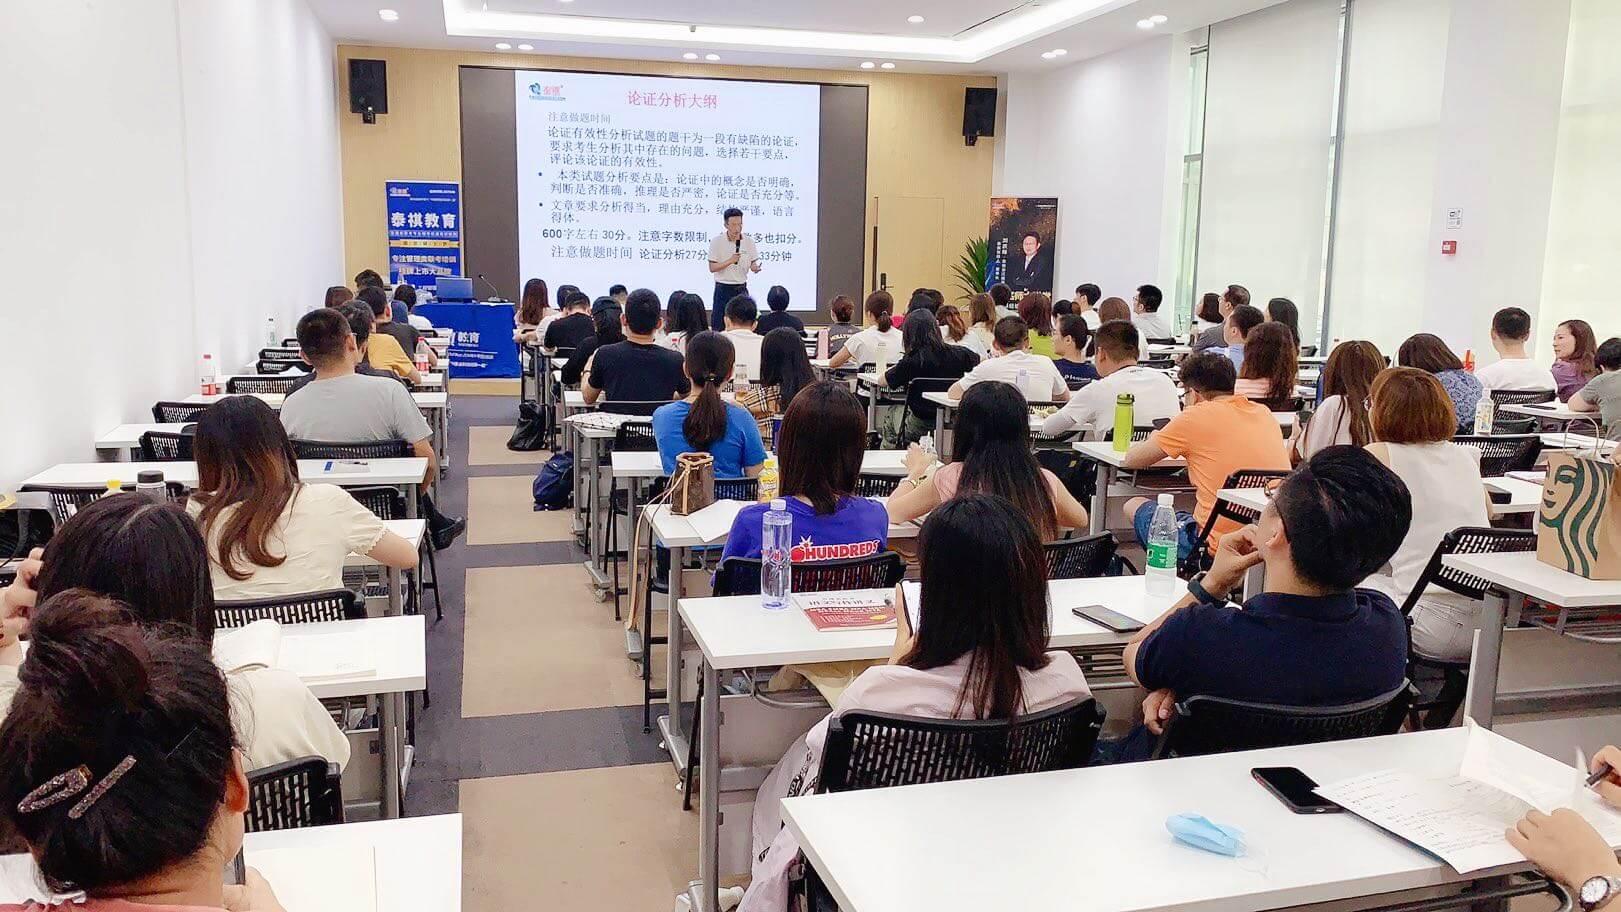 【名师新班】10.31(周六)突破精讲班公开课